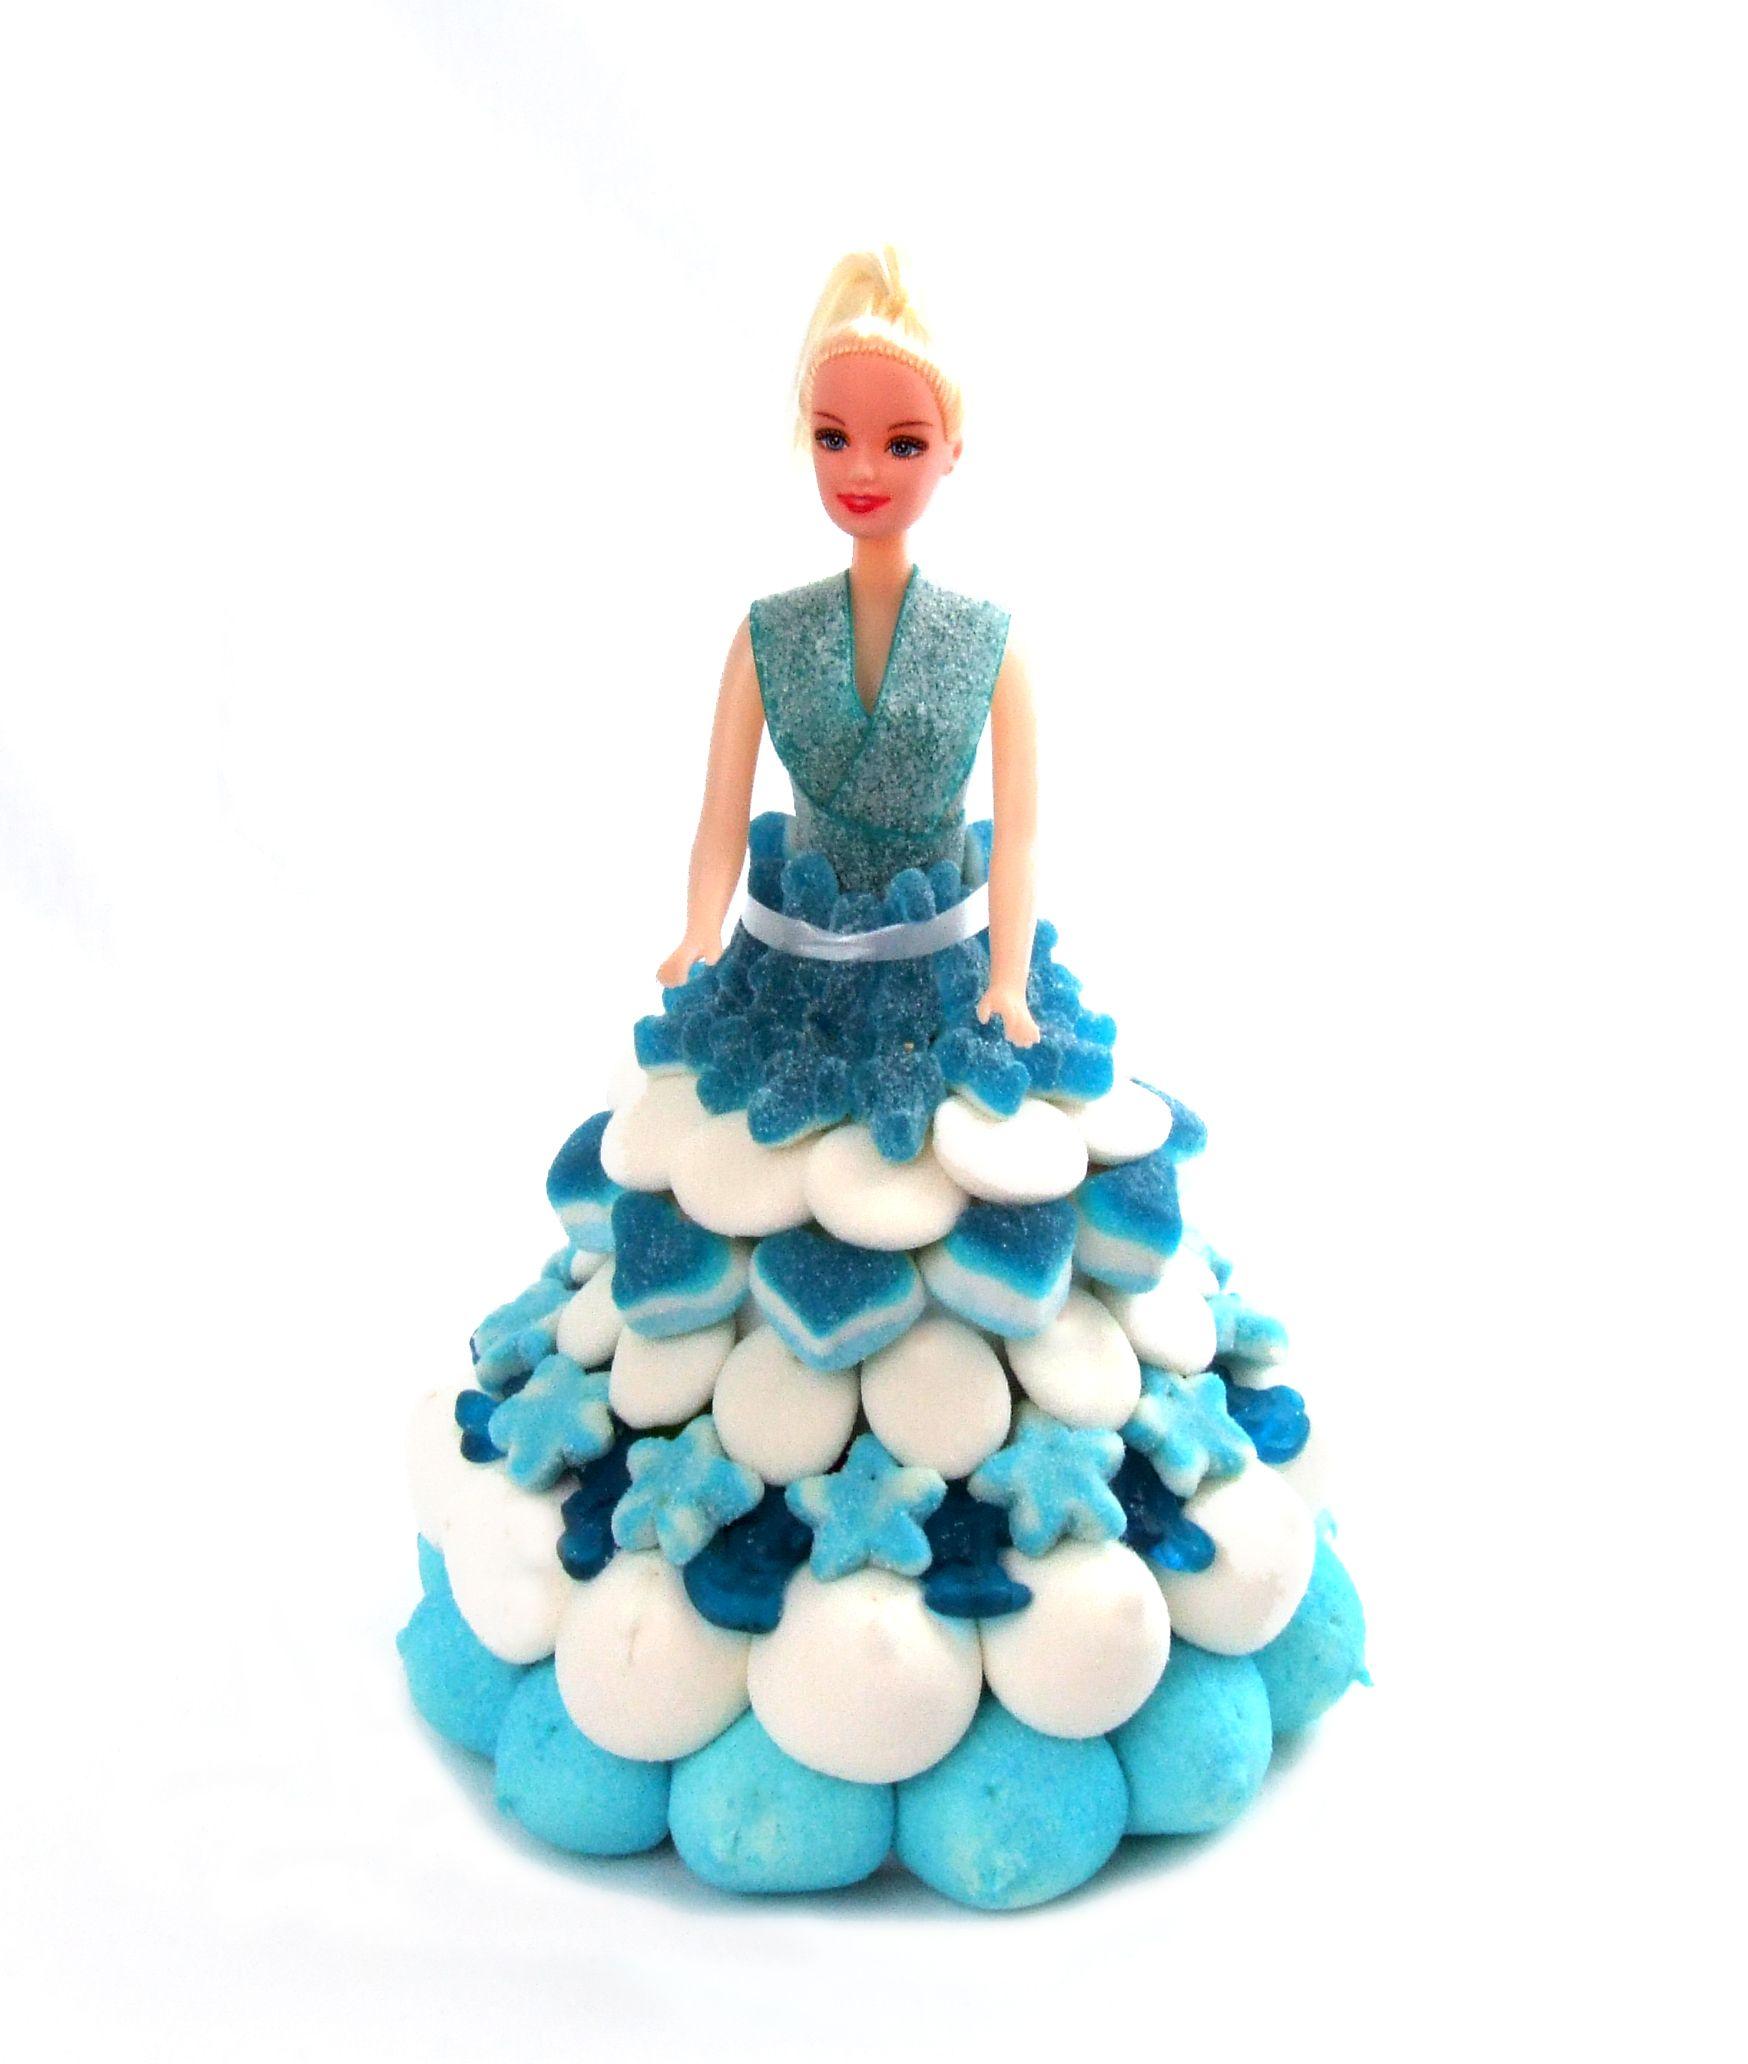 Poup e robe reine des neiges en bonbons - Barbie princesse des neiges ...